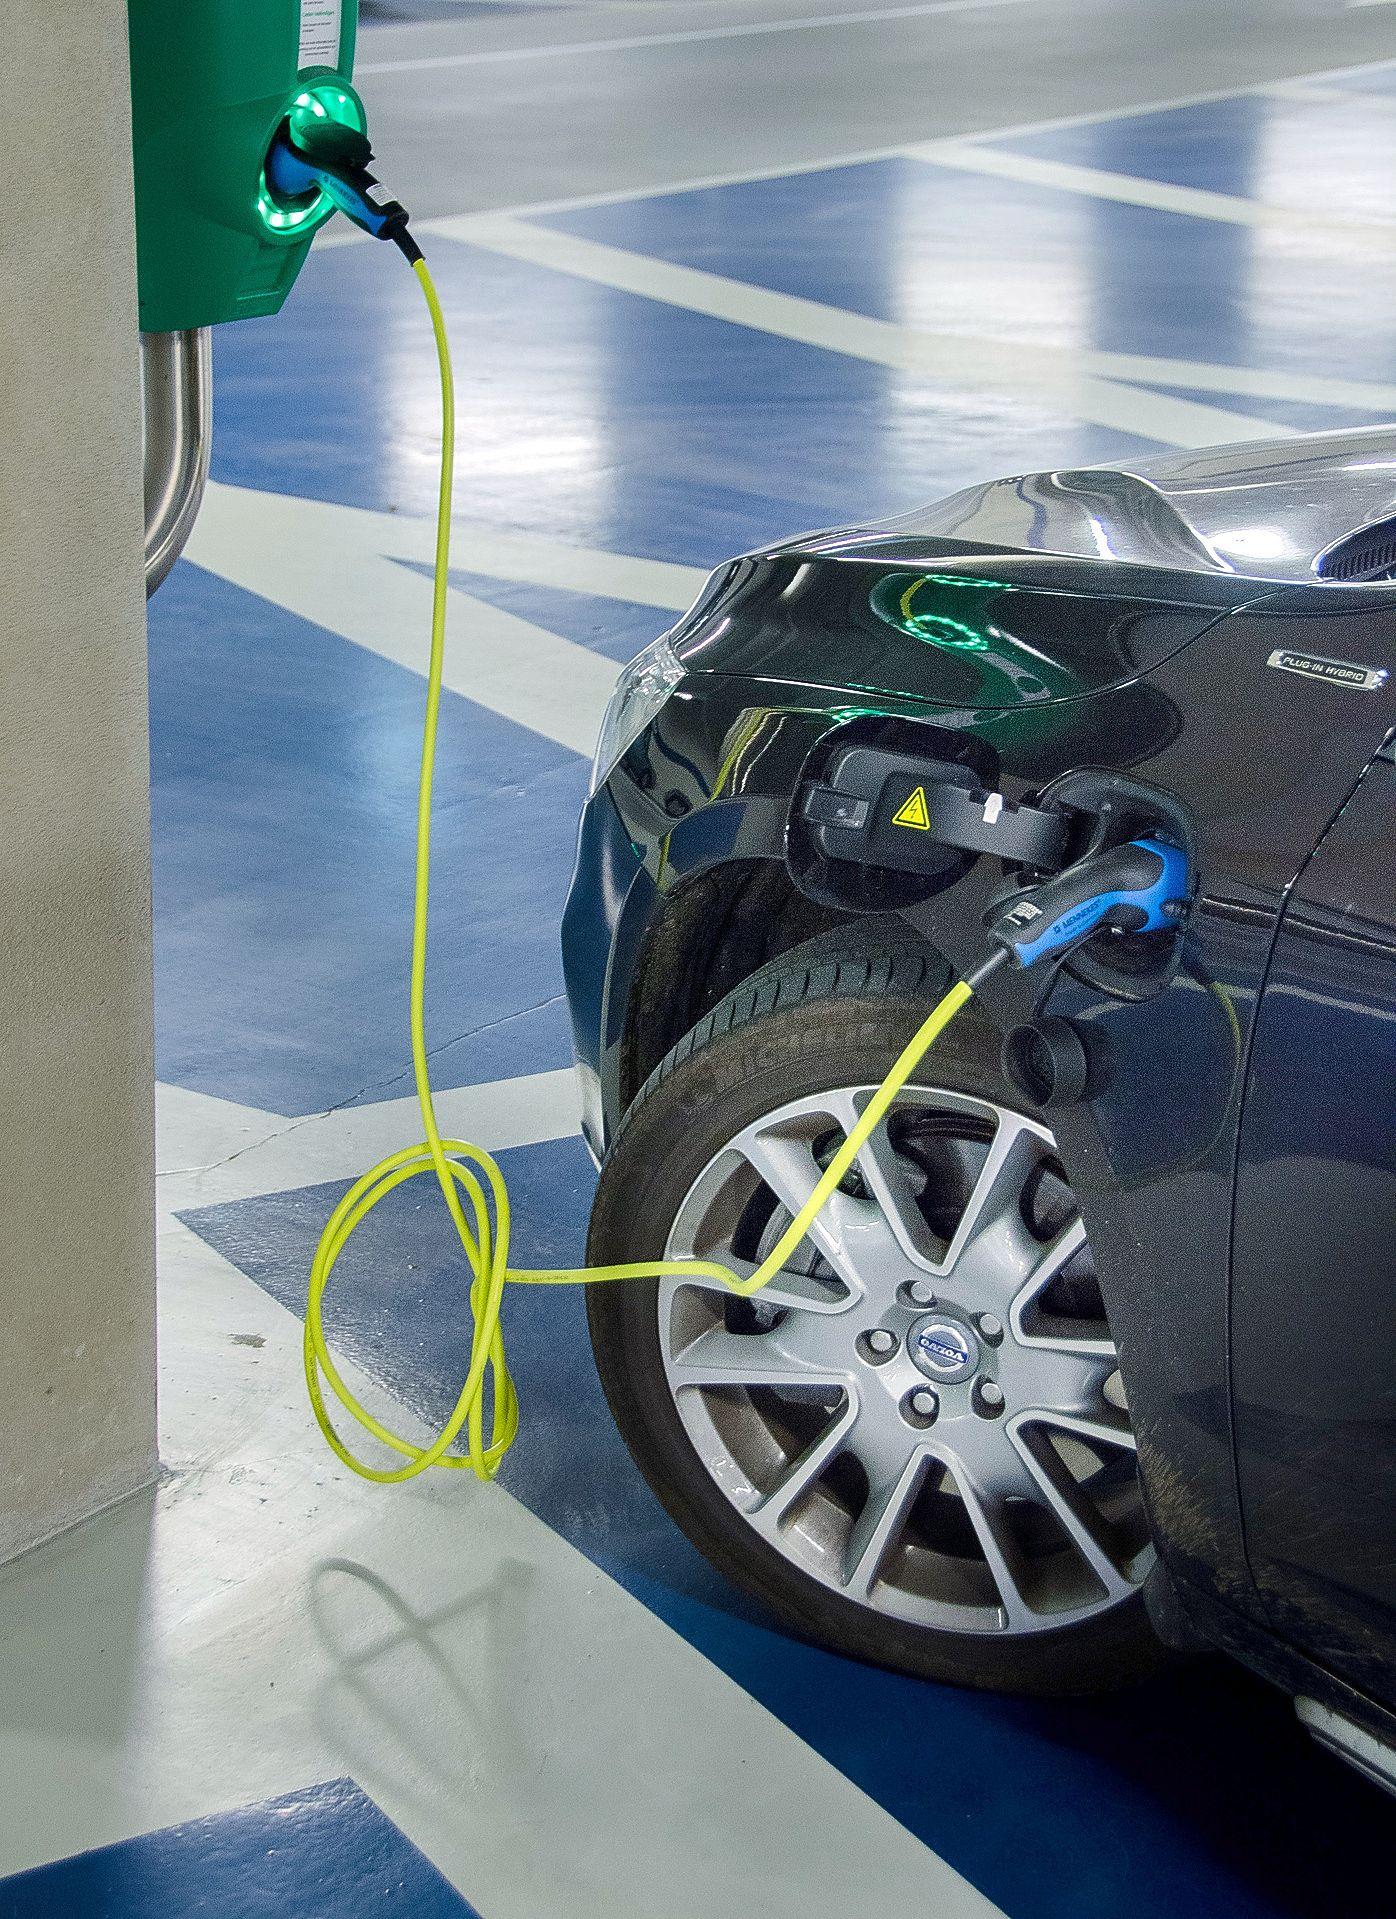 Taloyhtiöitä ollaan velvoittamassa rakentamaan sähköautojen latauspisteitä.